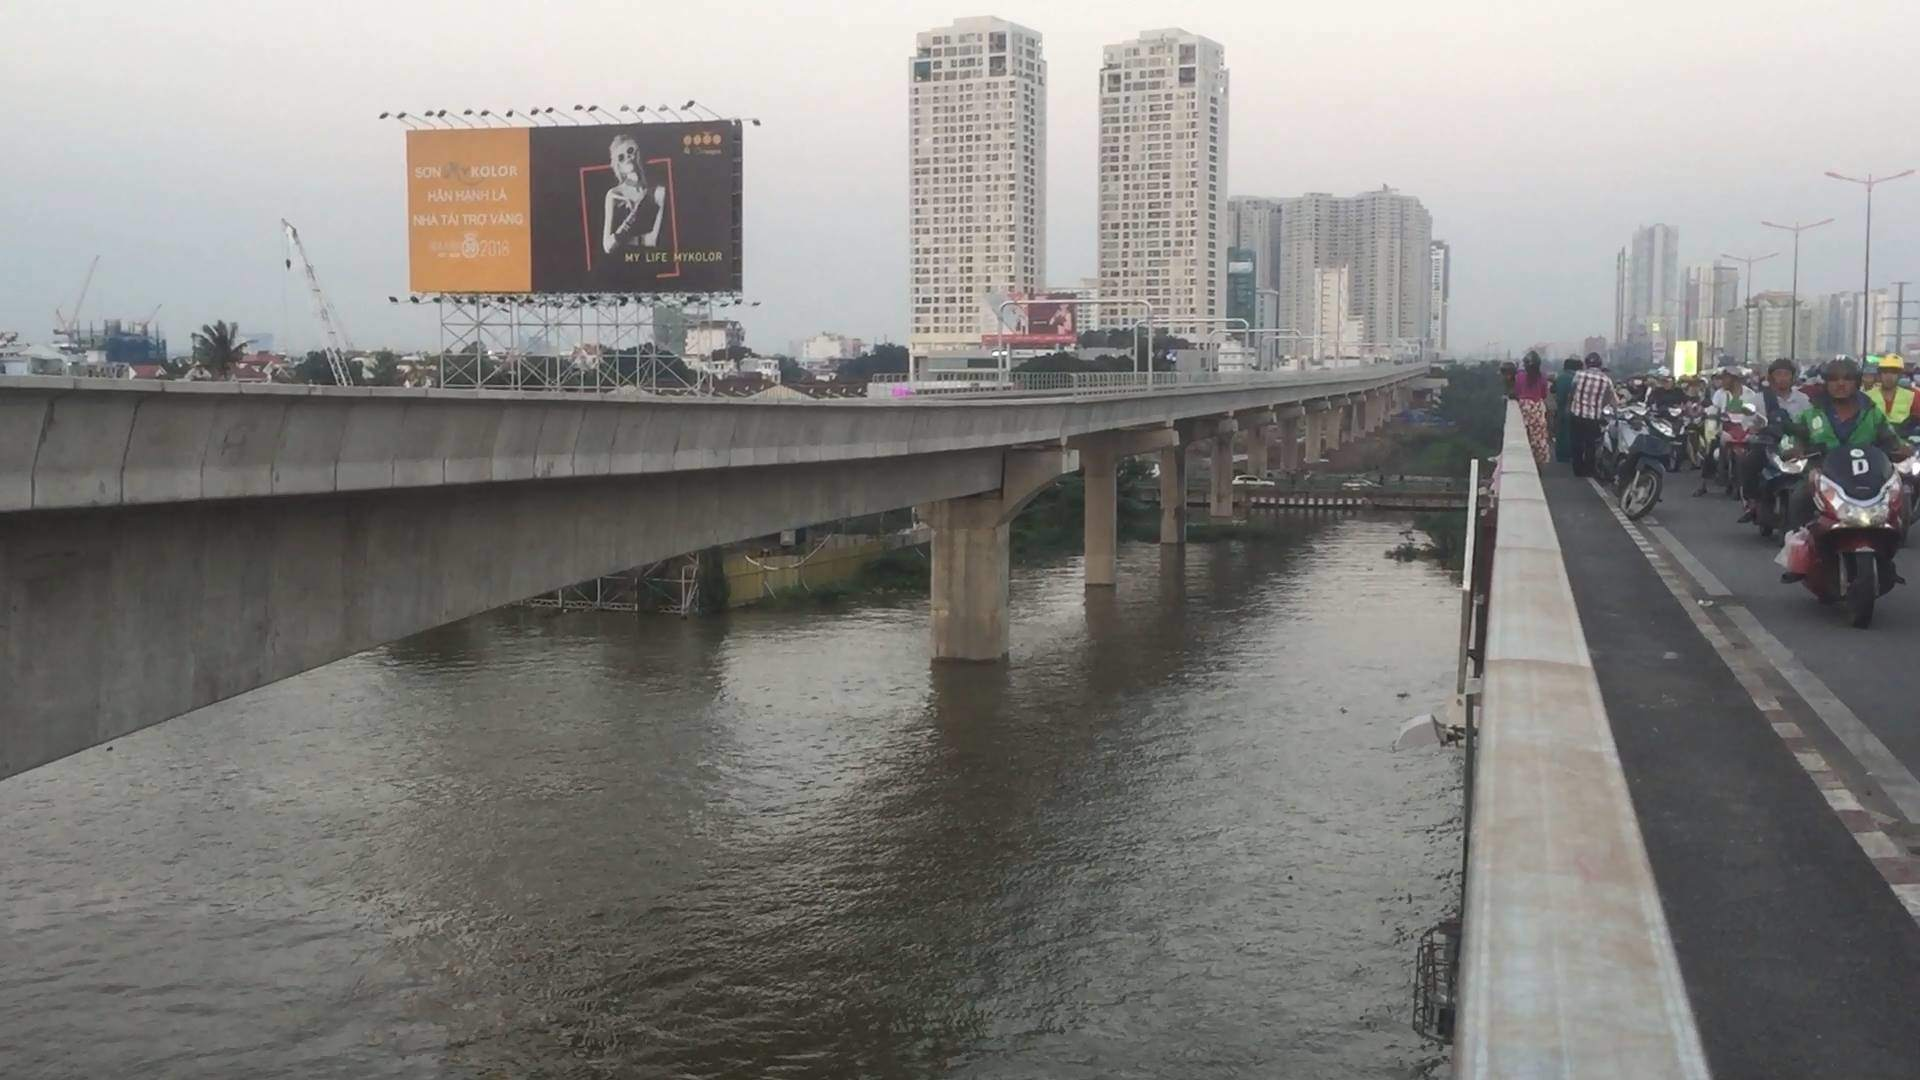 Cô gái để lại lá thư nhảy cầu Sài Gòn rồi bỏ đi: Hé lộ tình tiết bất ngờ-5